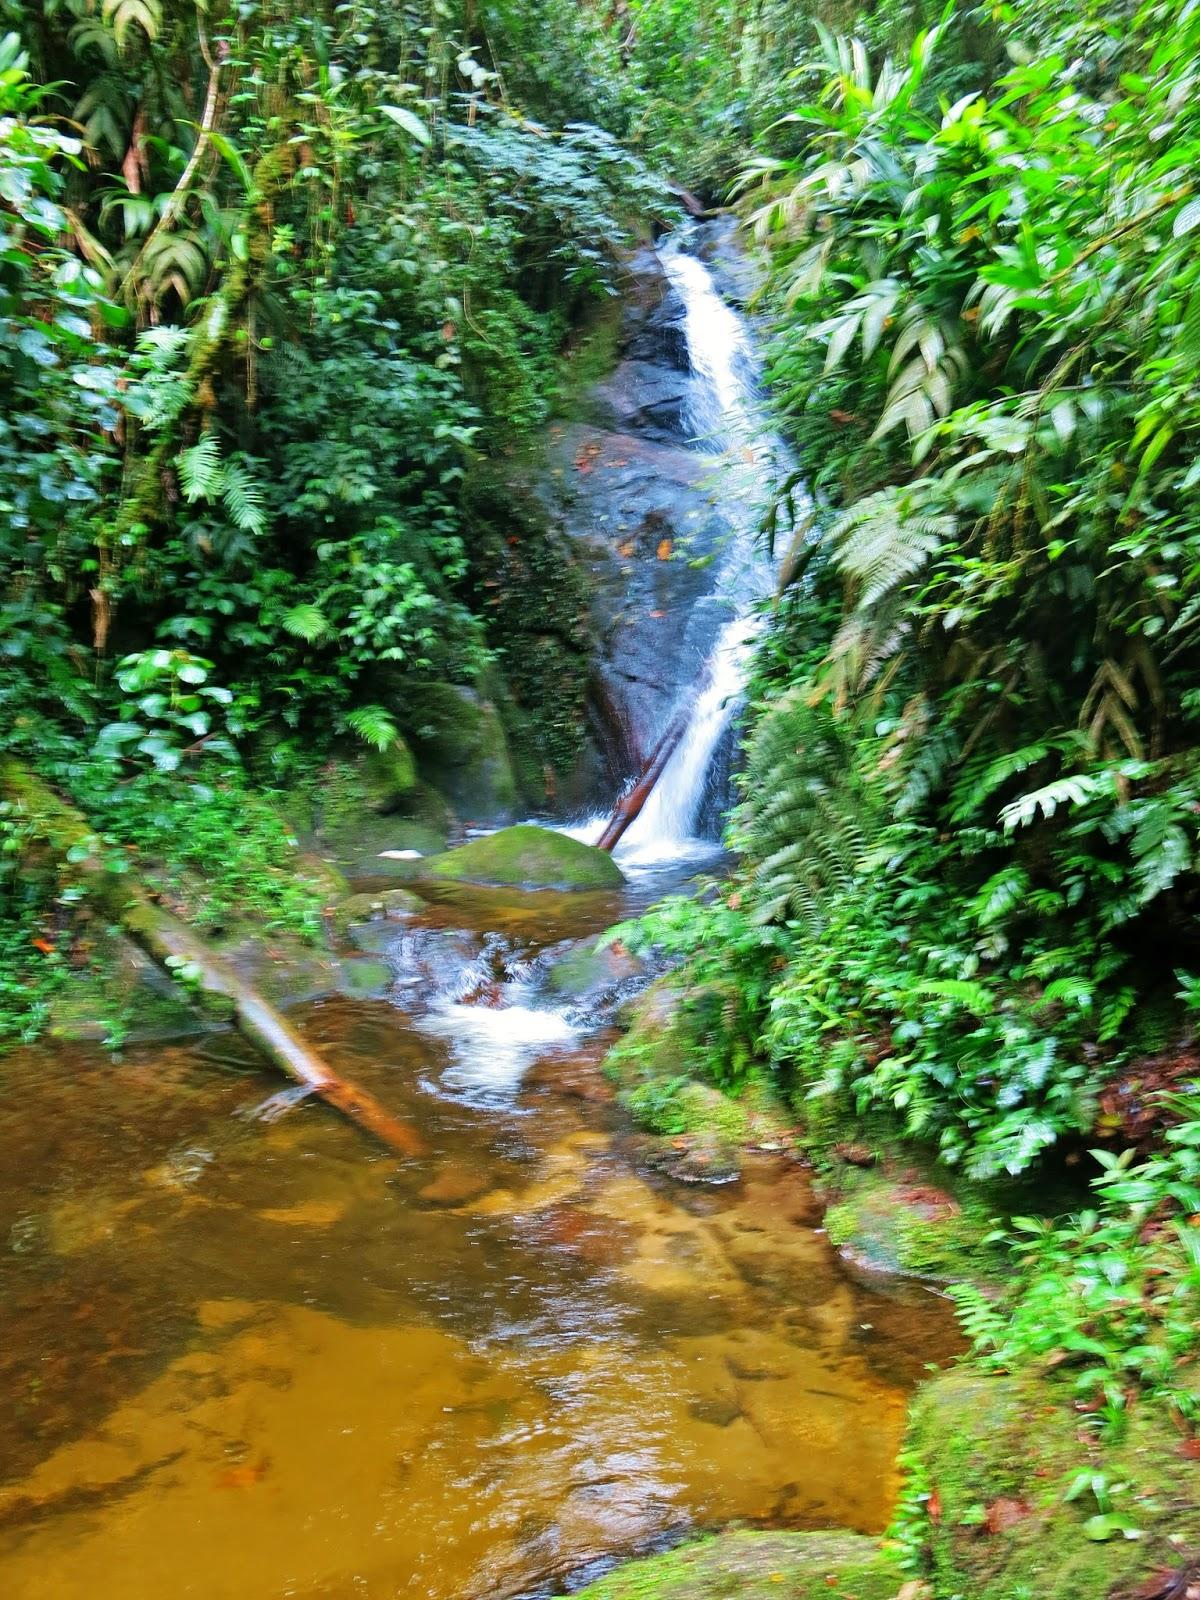 Cachoeira da Toca, no Vale do Alcantilado, em Visconde de Mauá.